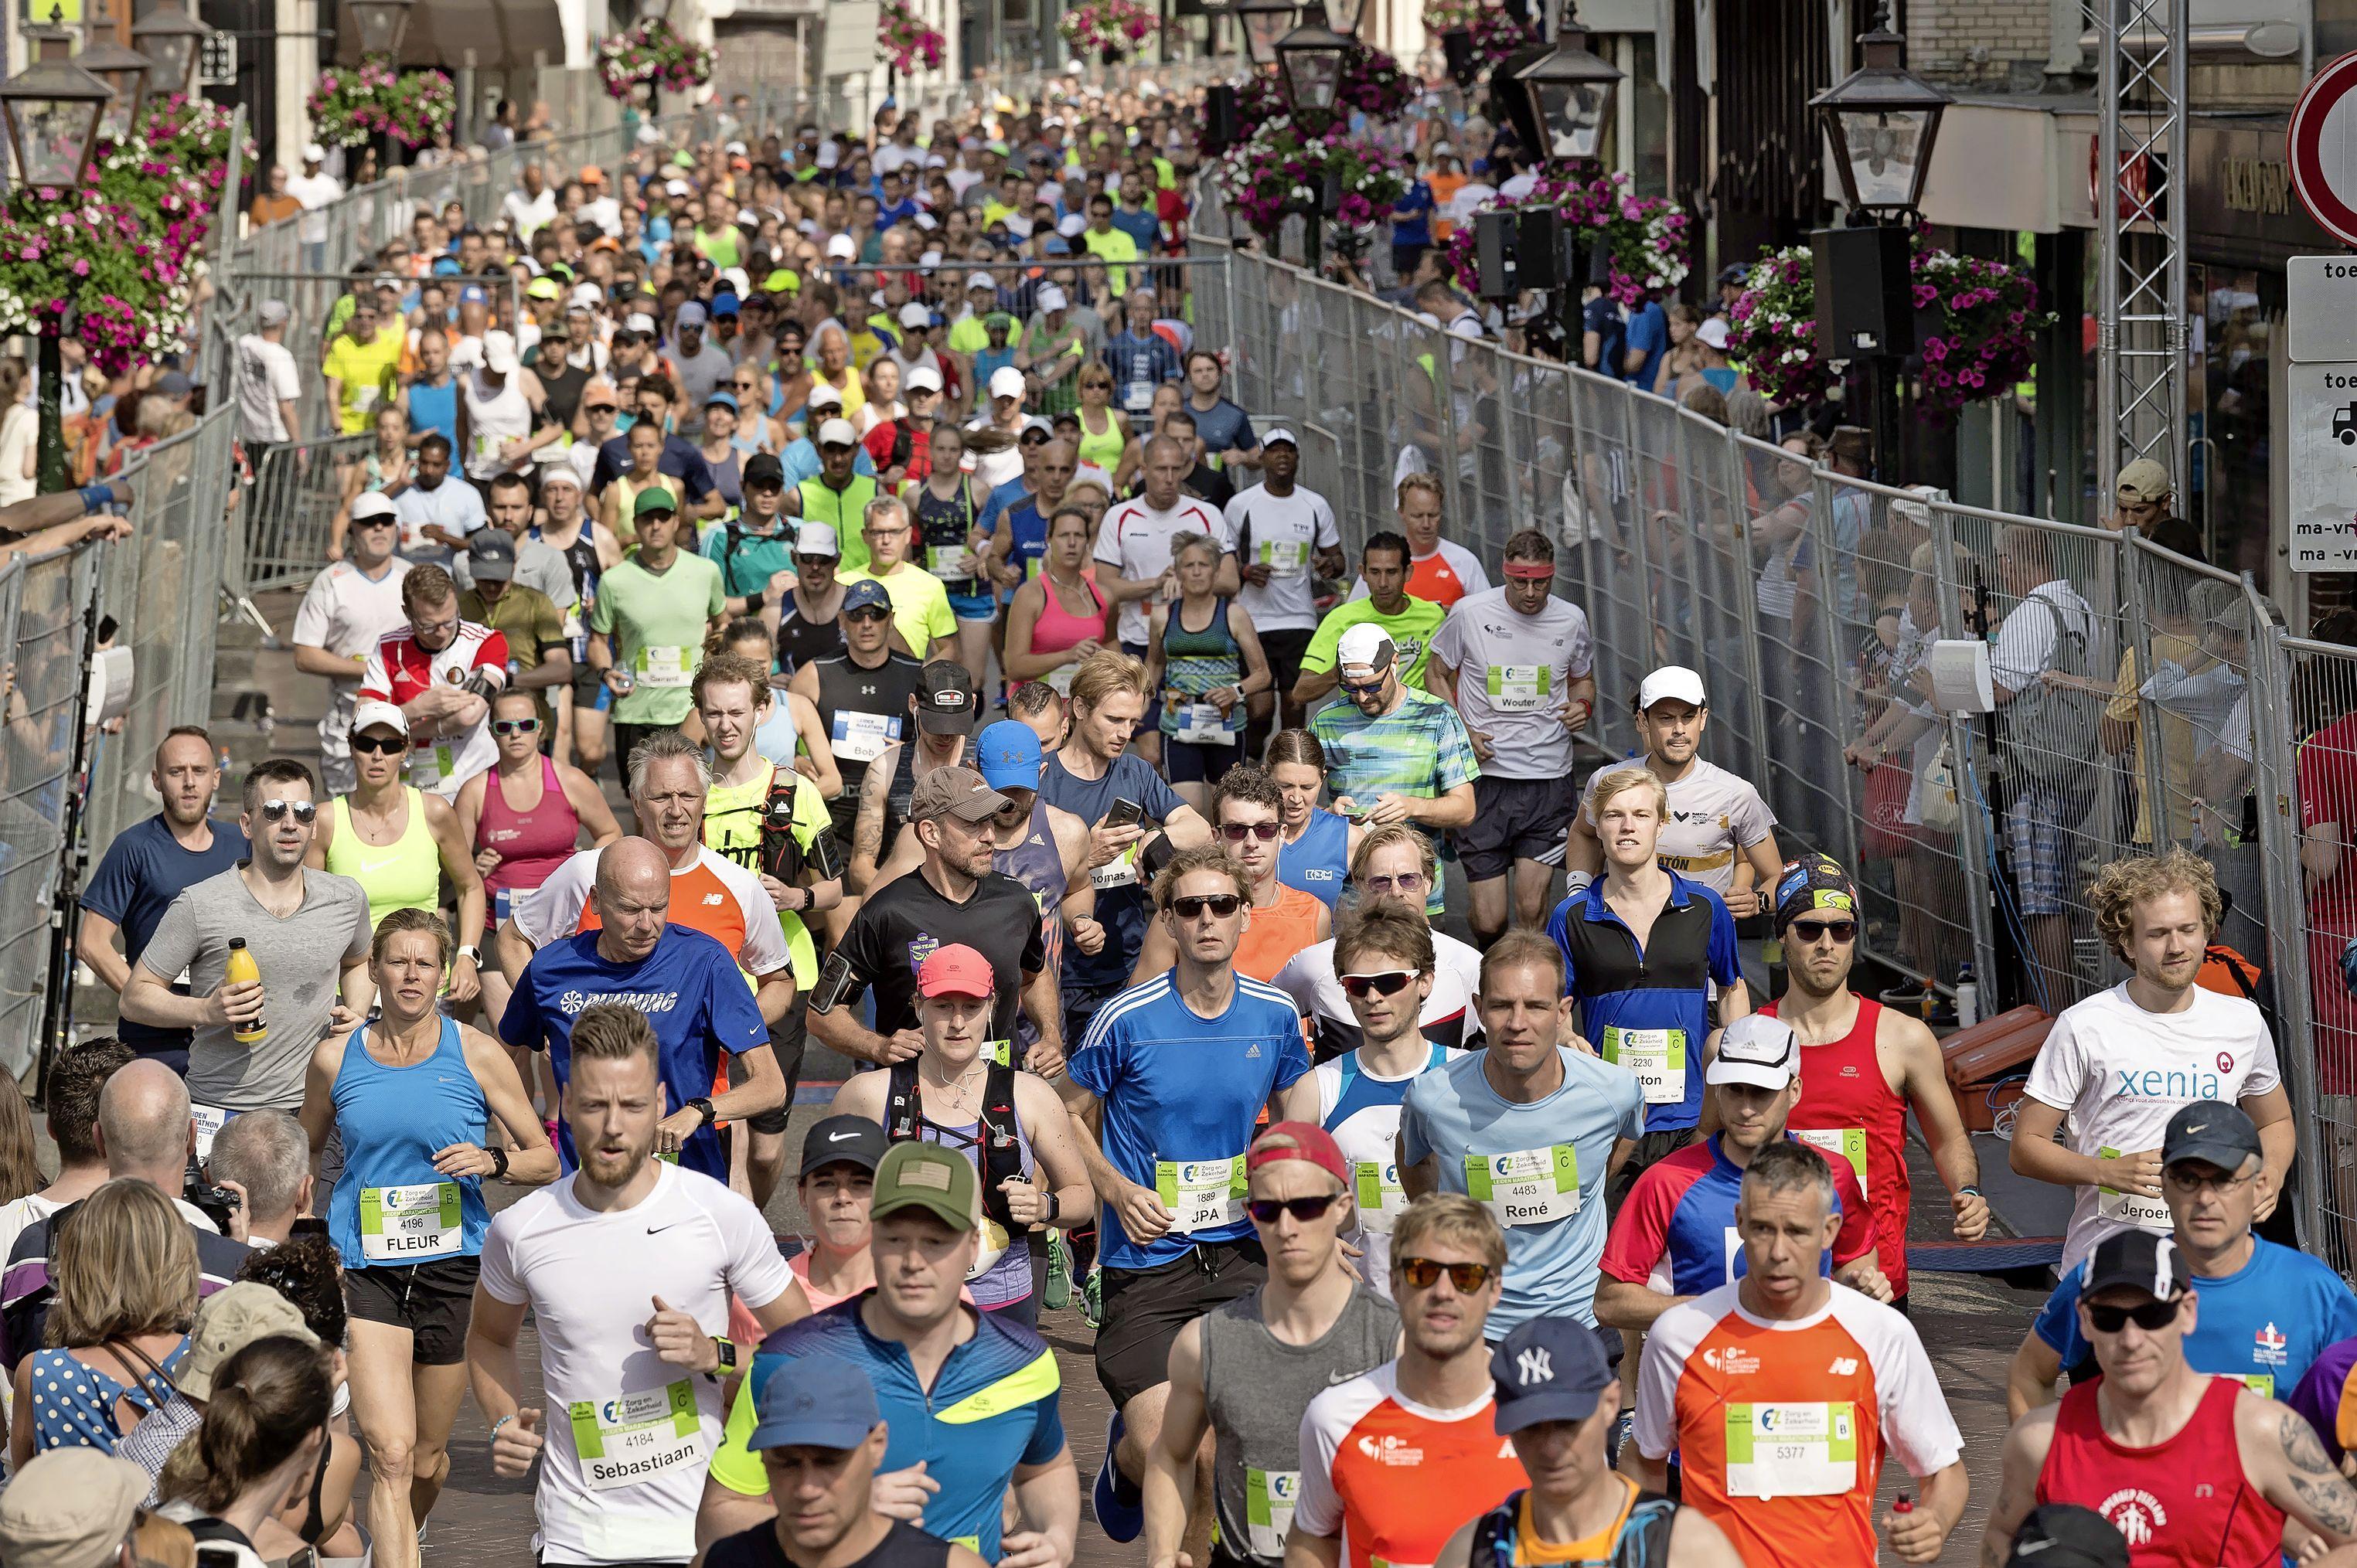 Leiden Marathon vastgesteld op 10 oktober, maar de vlam komt pas volgend jaar